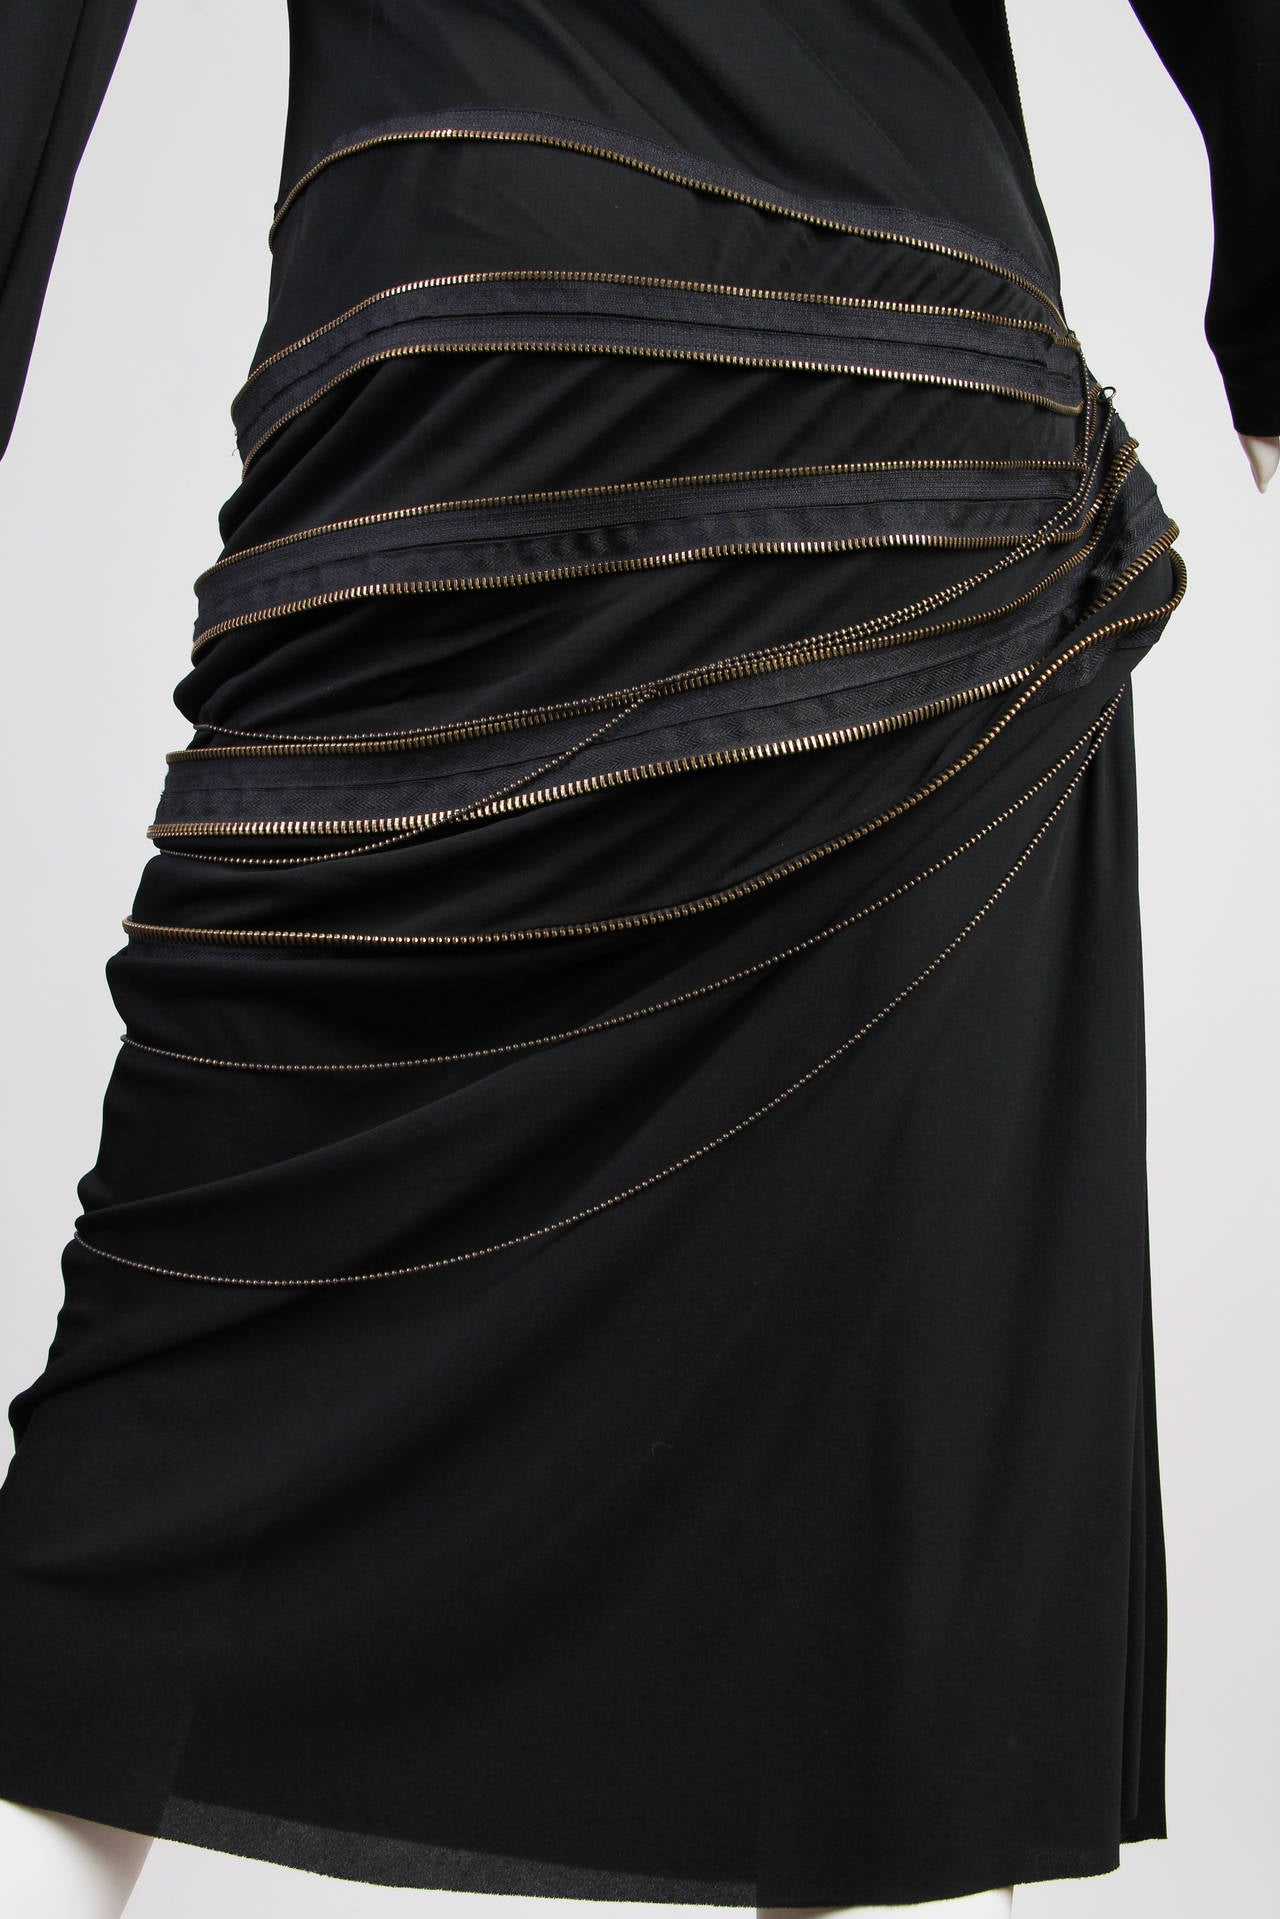 Jean Paul Gaultier Jersey Zipper Dress with Hood For Sale 2